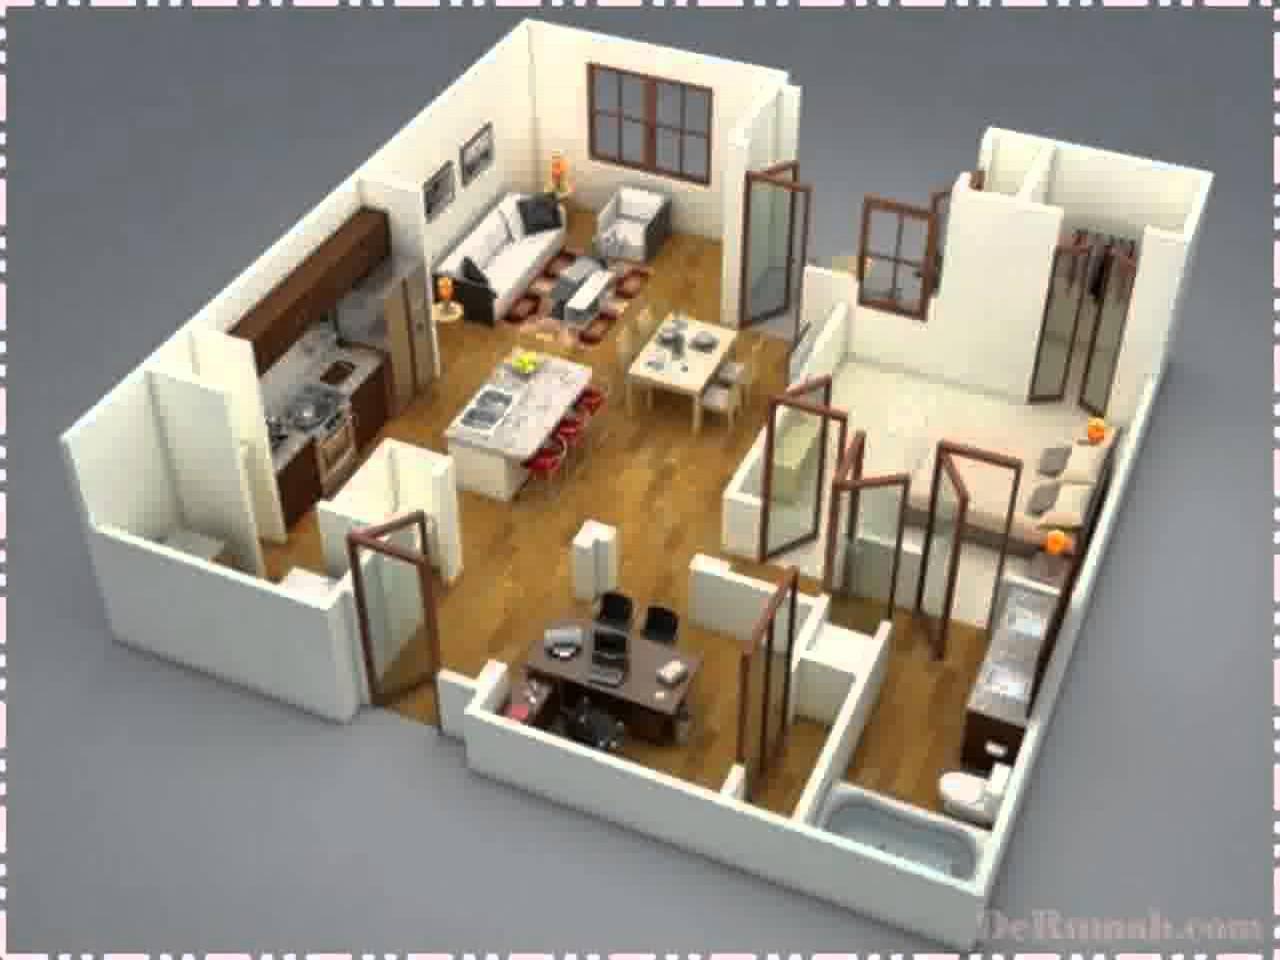 Hebat 21 Gambar Rumah Minimalis 1 Kamar 71 Dalam Ide Pengaturan Dekorasi Rumah oleh 21 Gambar Rumah Minimalis 1 Kamar